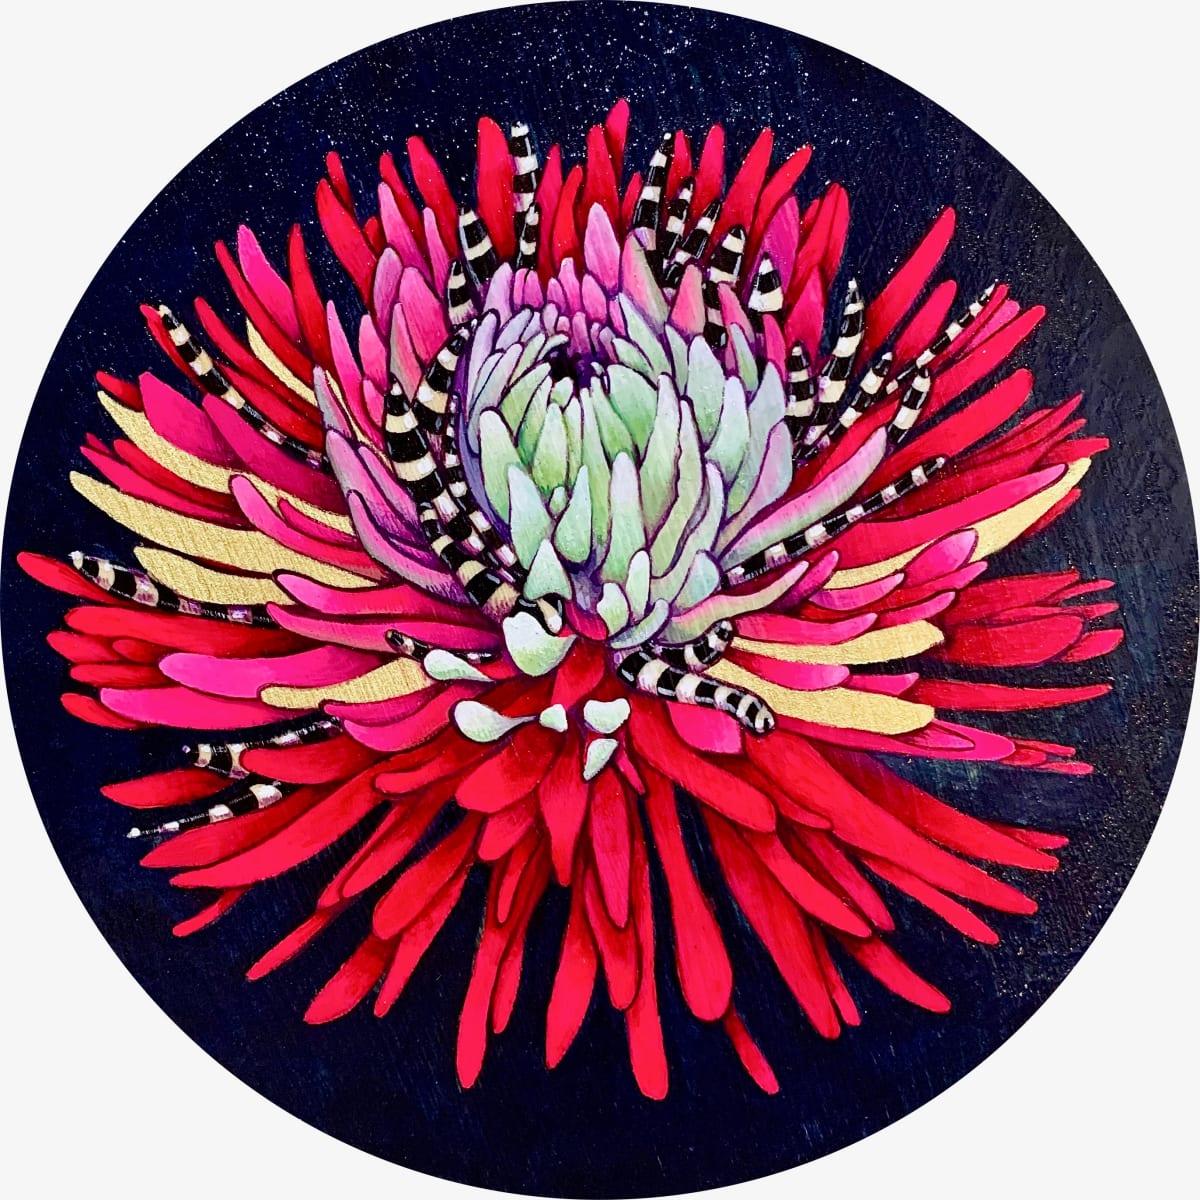 Chrysanthemum by Kristie Mayeaux